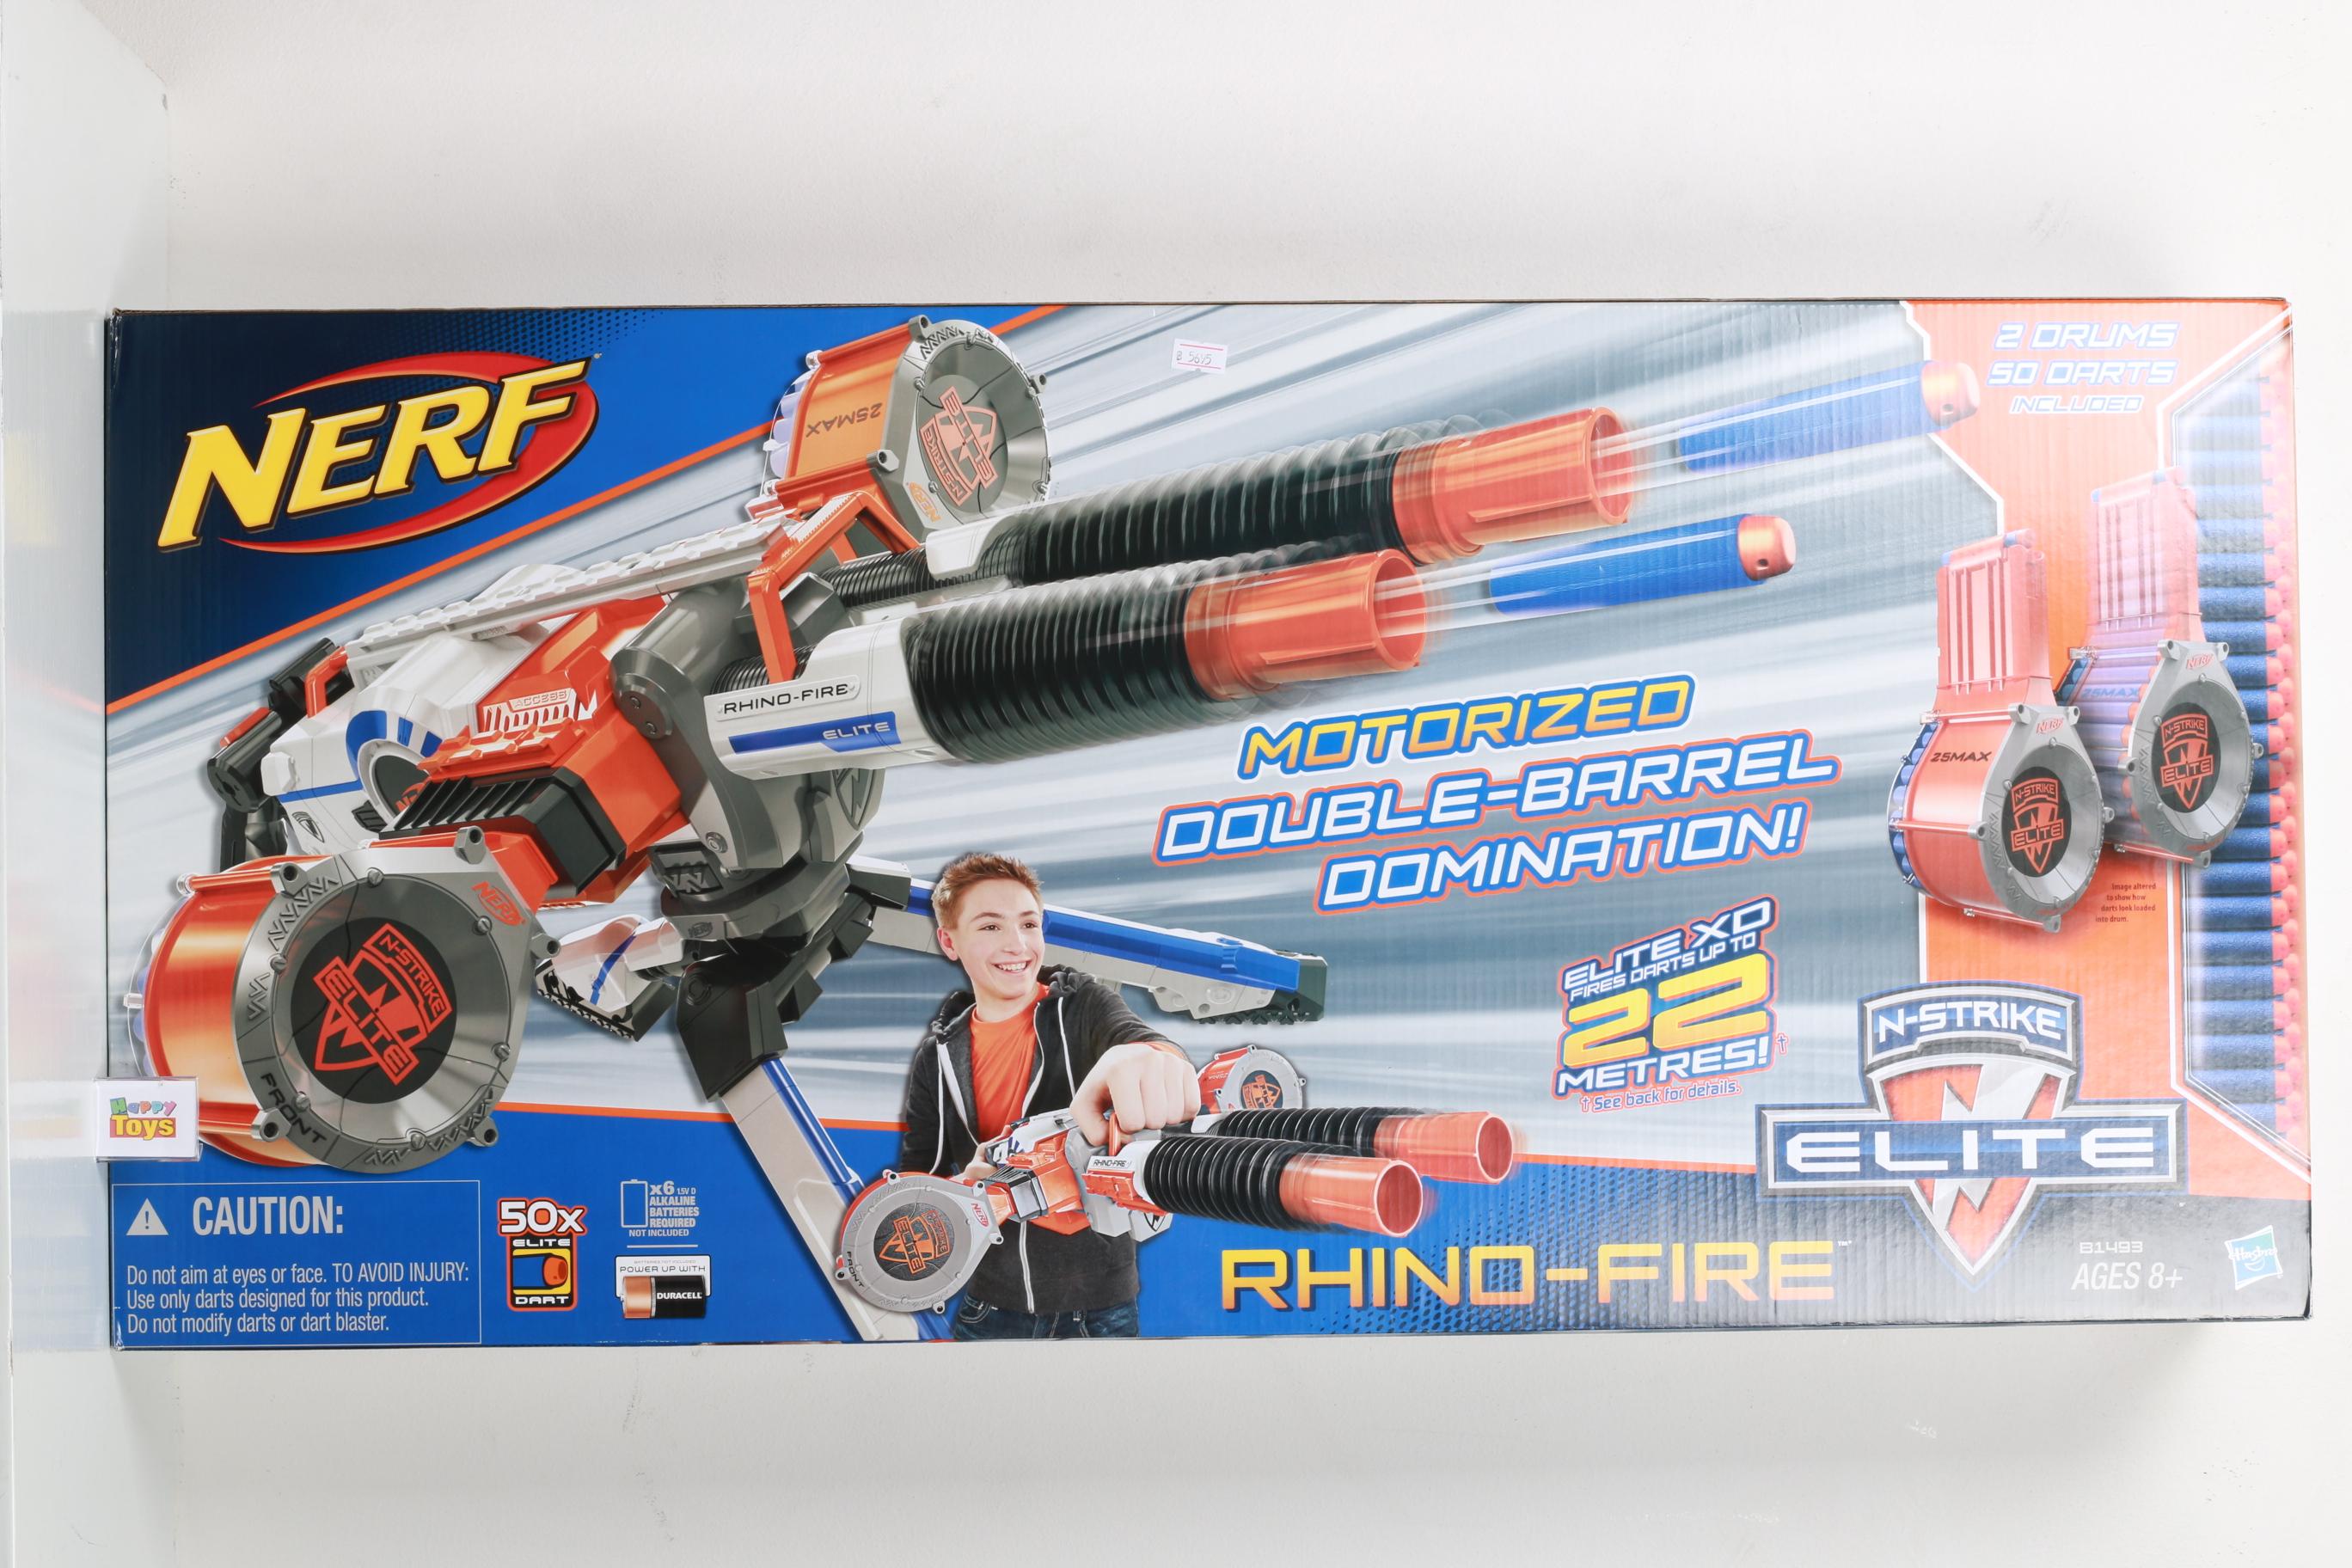 ปืน Nerf Rhino-fire ปืนยิงกระสุนฟองน้ำ ปืนเนิร์ฟ